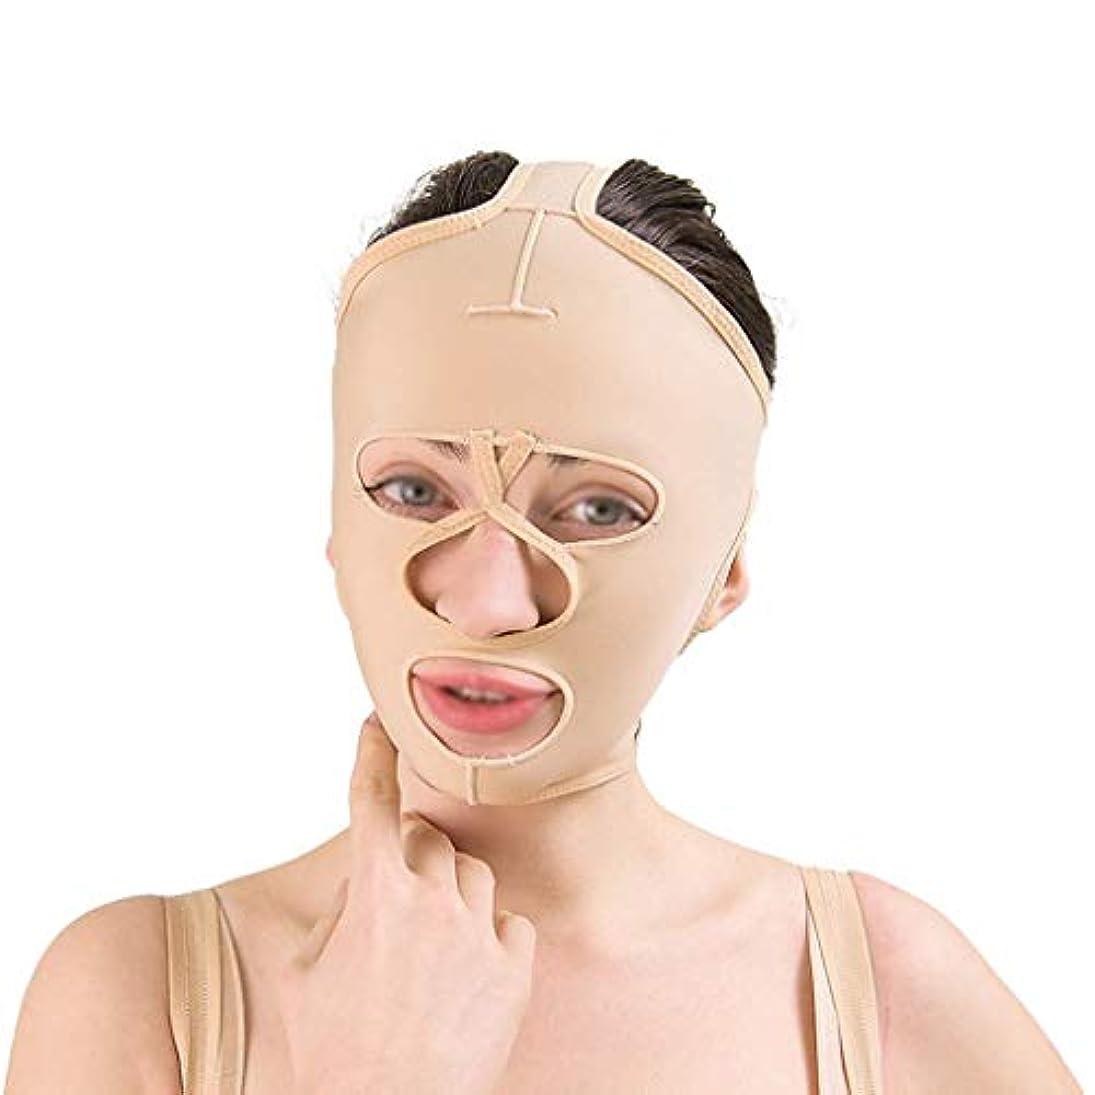 スキャンダル保証する離れてフェイシャルリフティングツール、フェイシャルビューティーリフティングマスク、通気性引き締めリフティングフェイシャル包帯、フェイシャルタイトバンデージ(サイズ:L),S